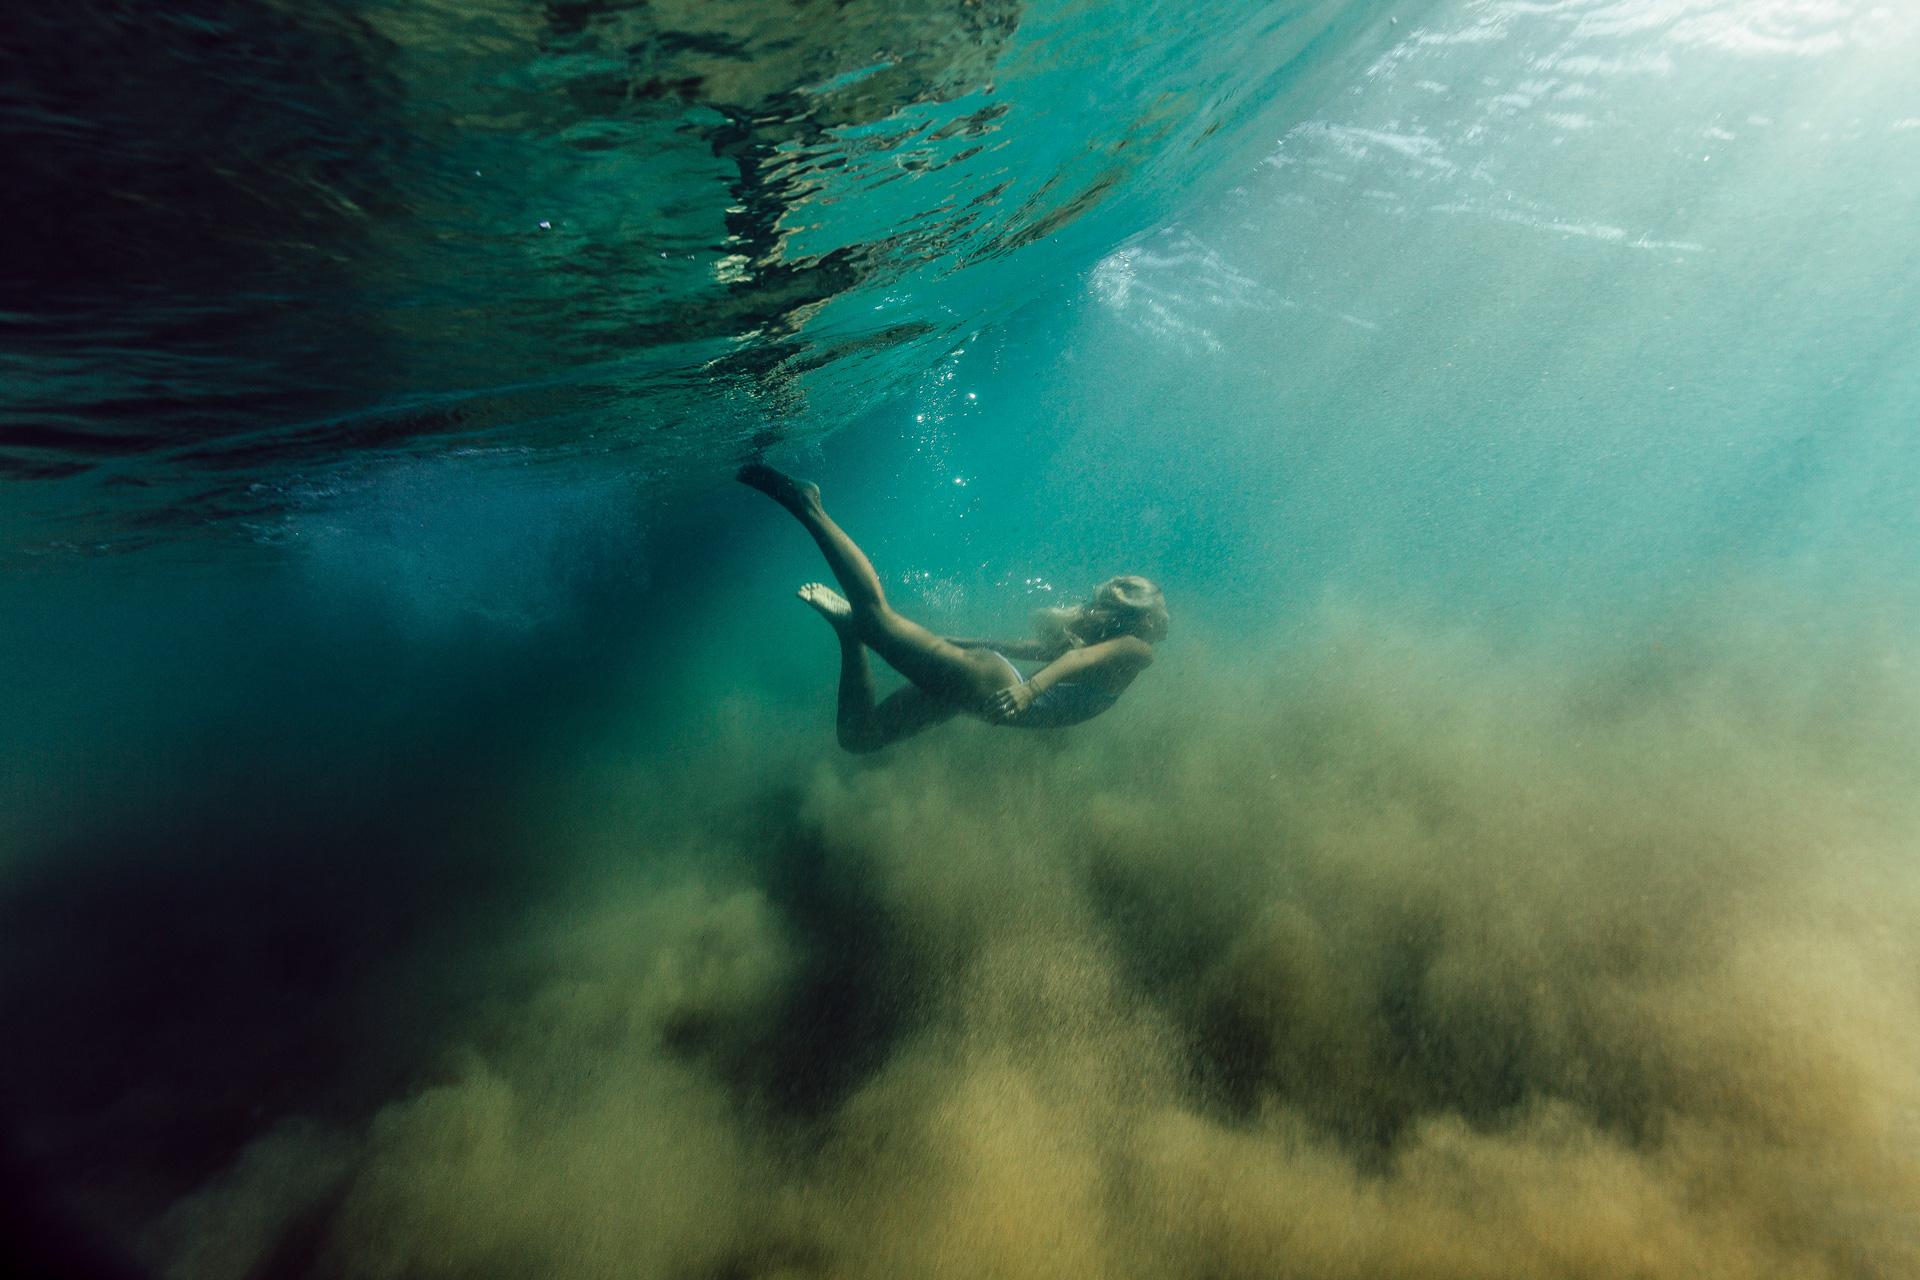 Melissa-Findley-Photographer-Portfolio-WATER-14.jpg